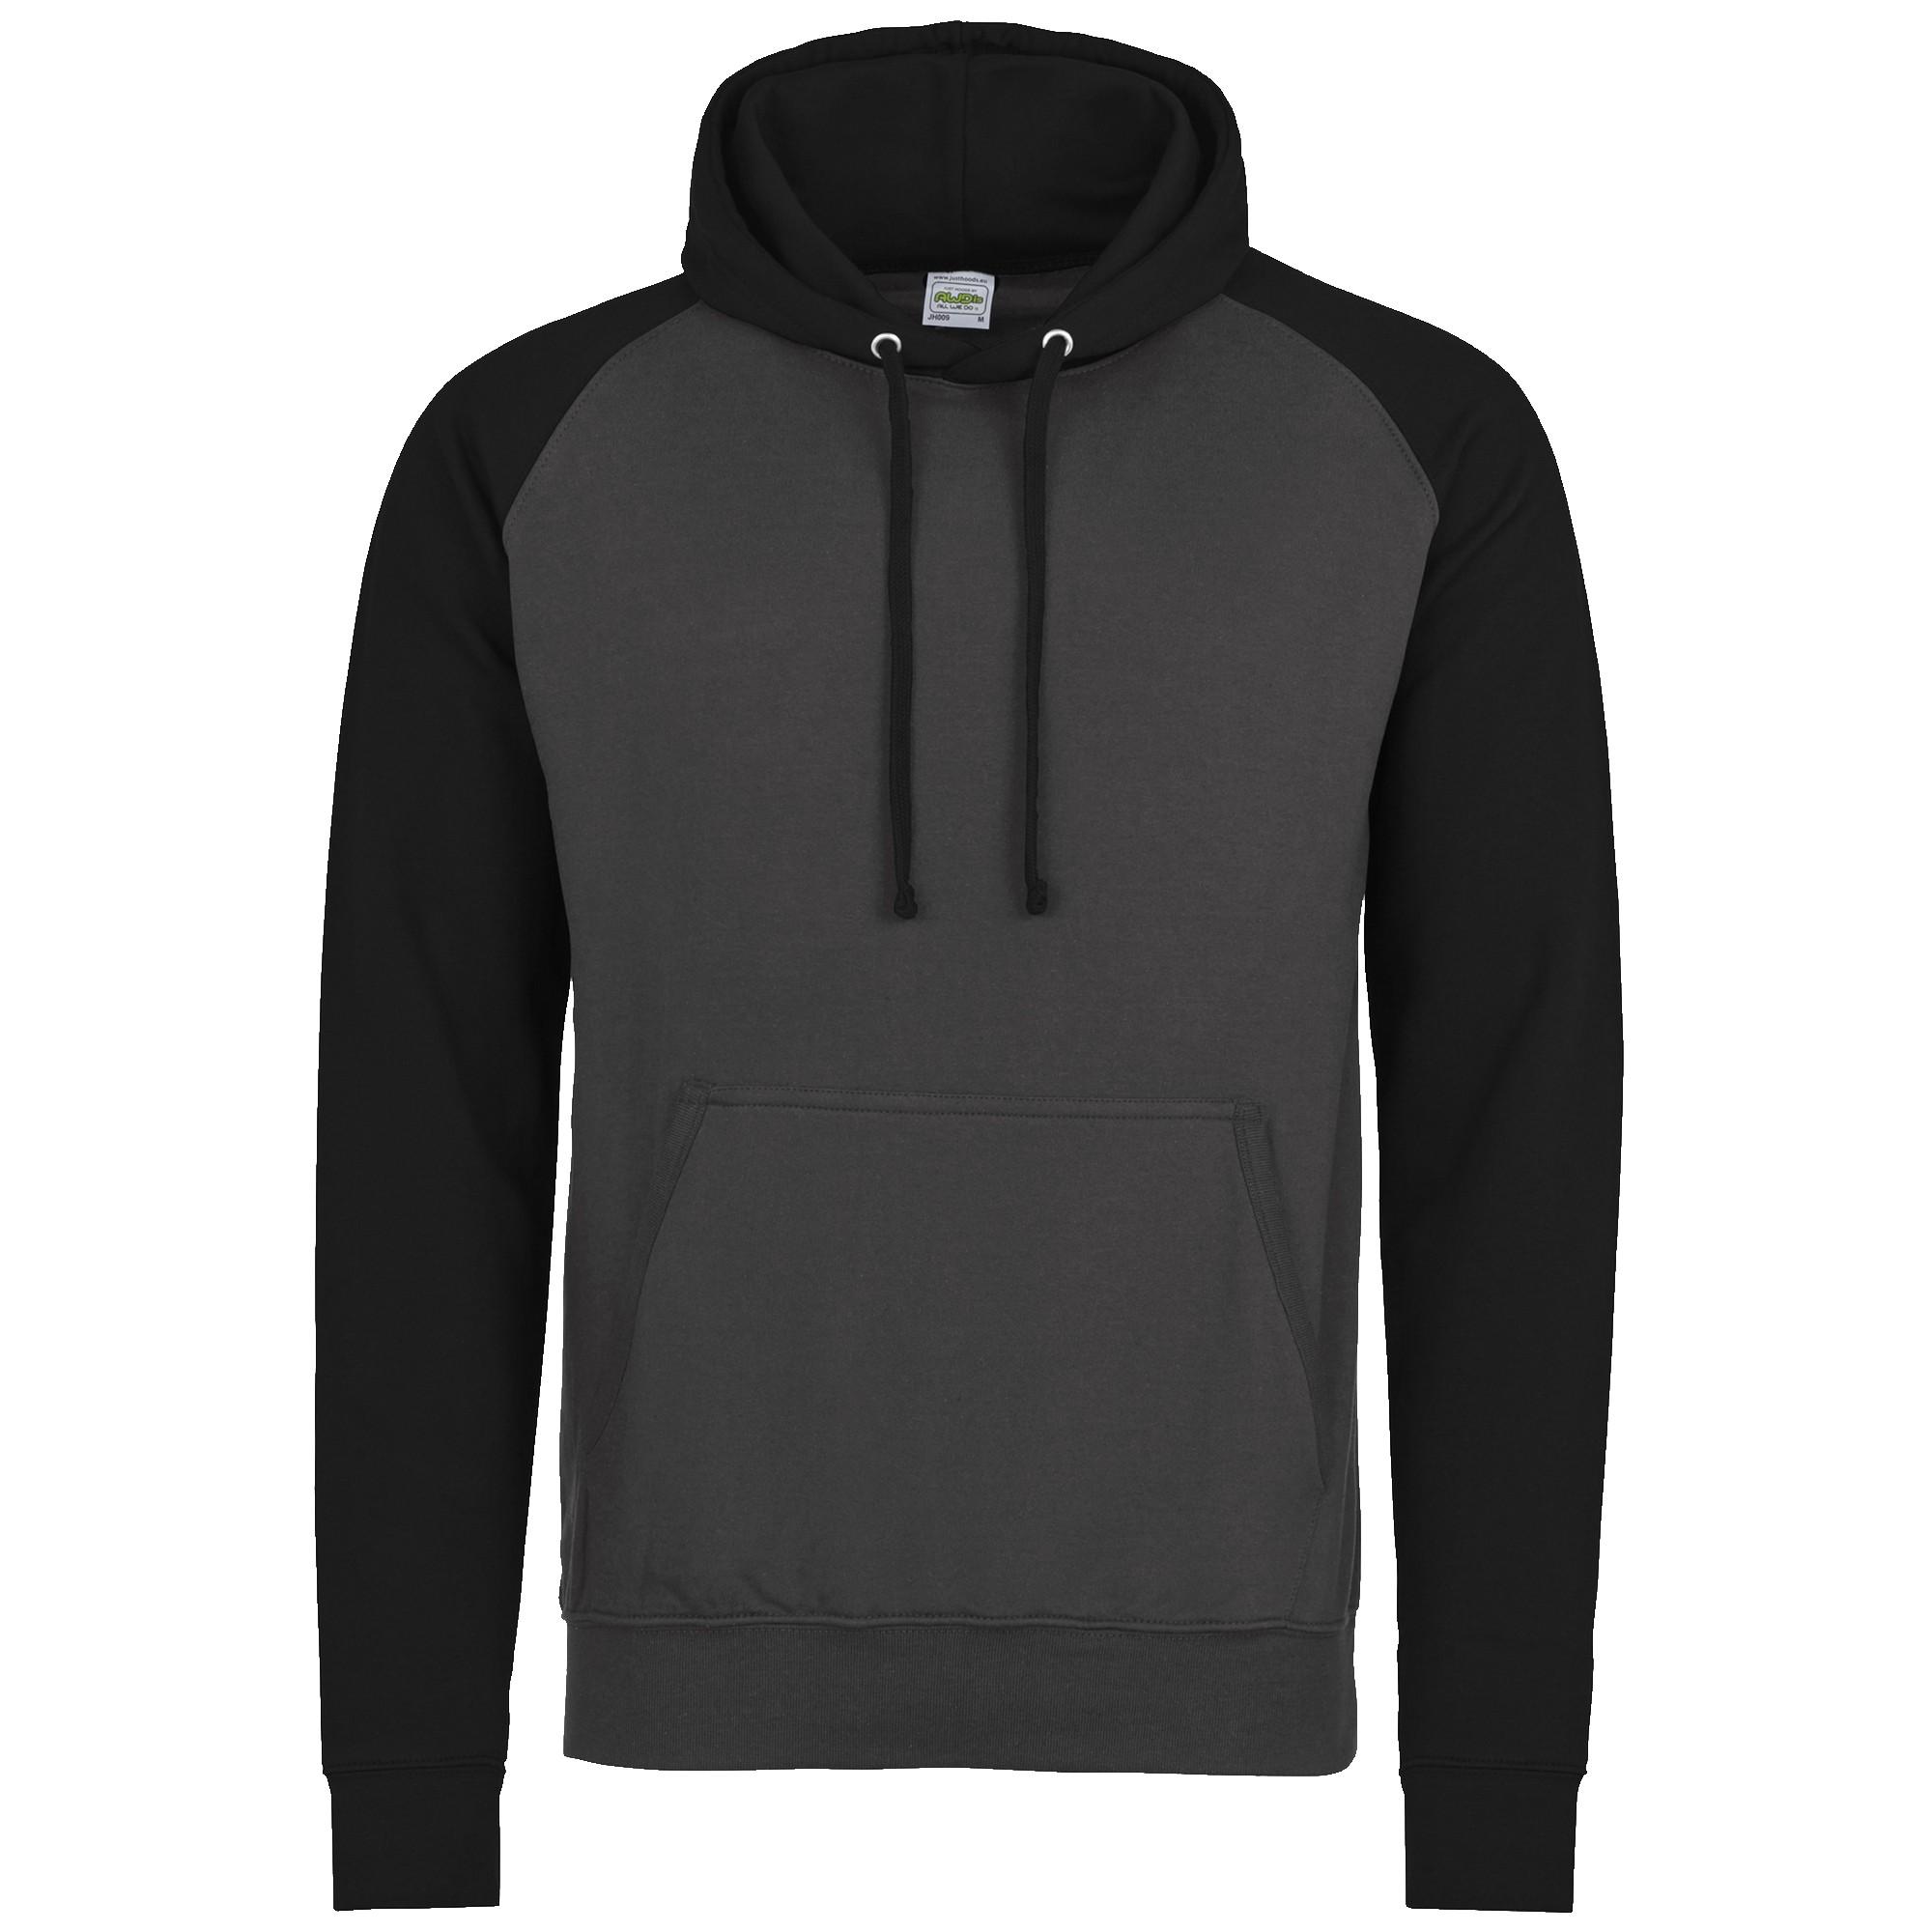 Baseball Sweatshirt OO2SV7kDe